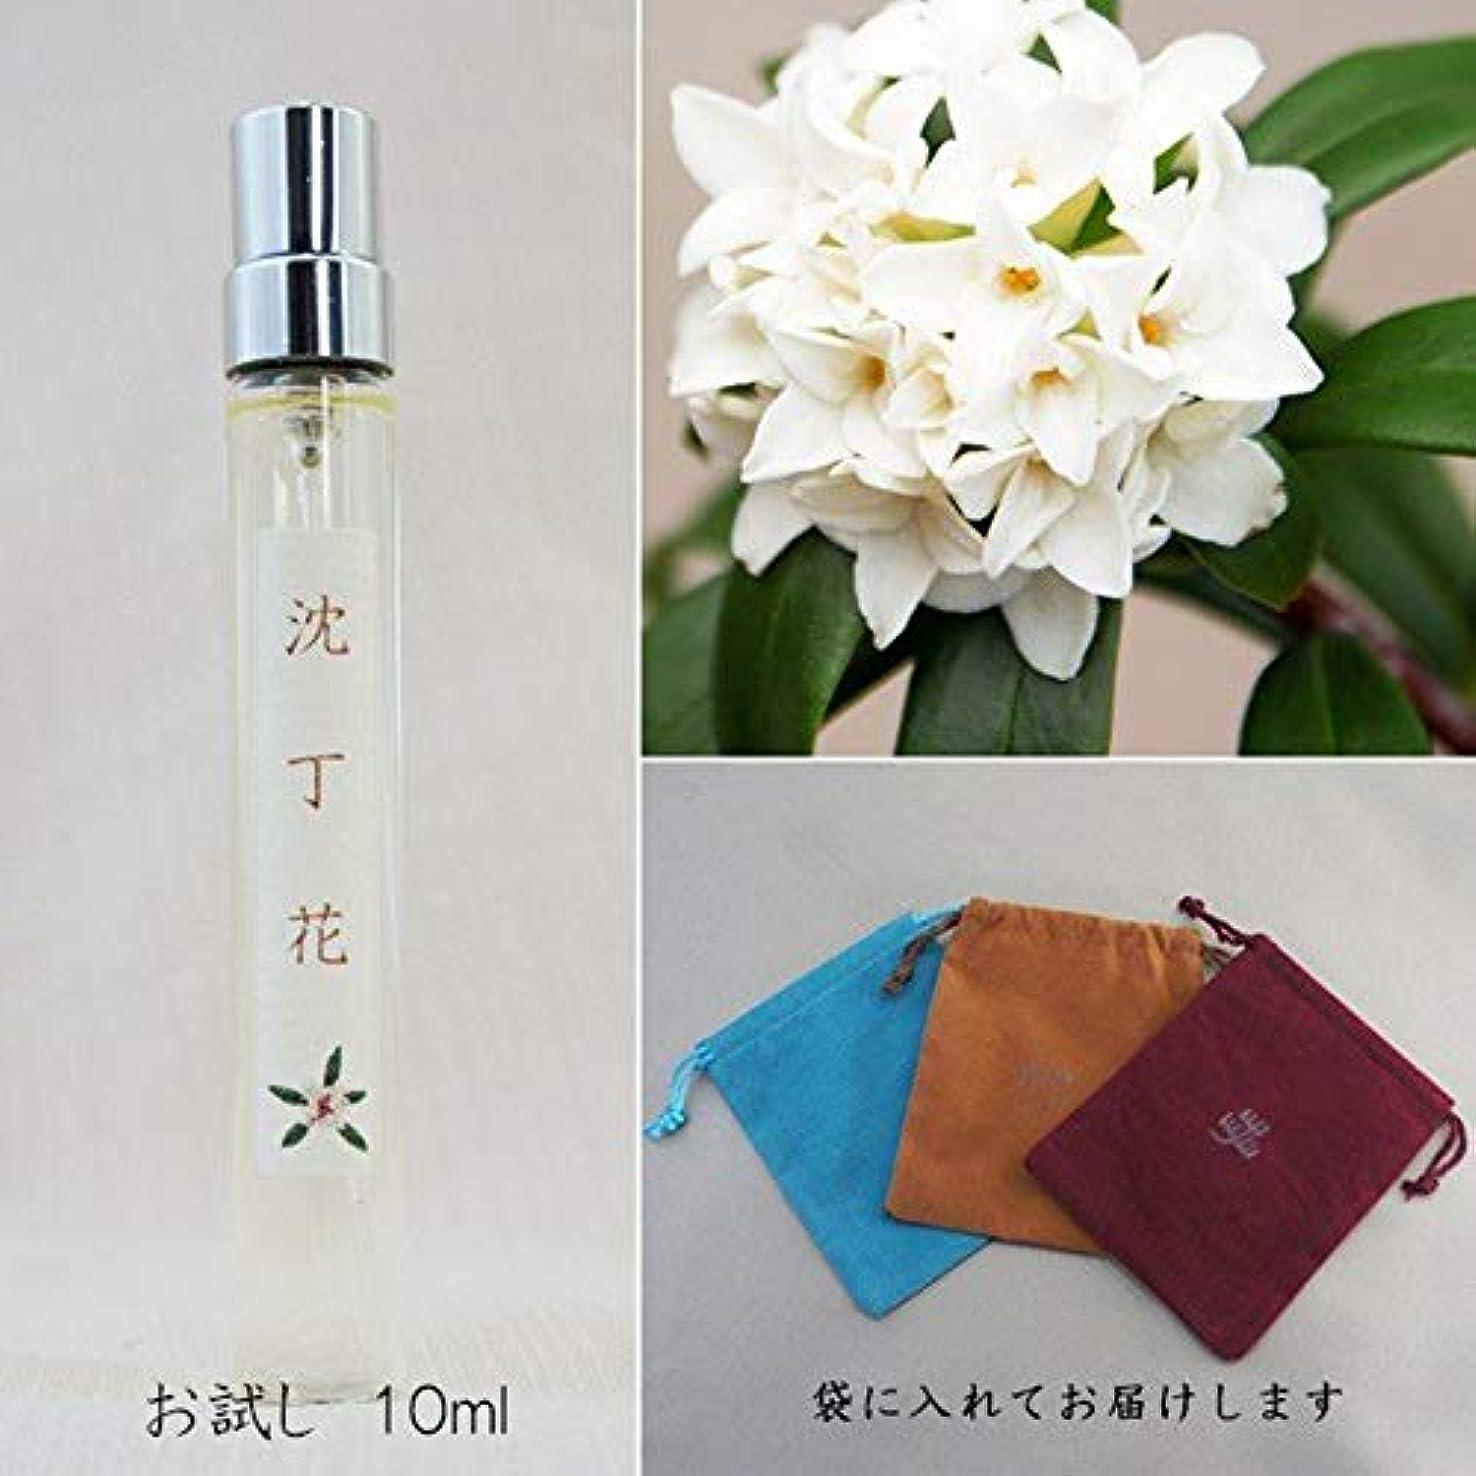 喜んでクレデンシャル嵐の和香水「三大香木シリーズ」10ml (沈丁花)